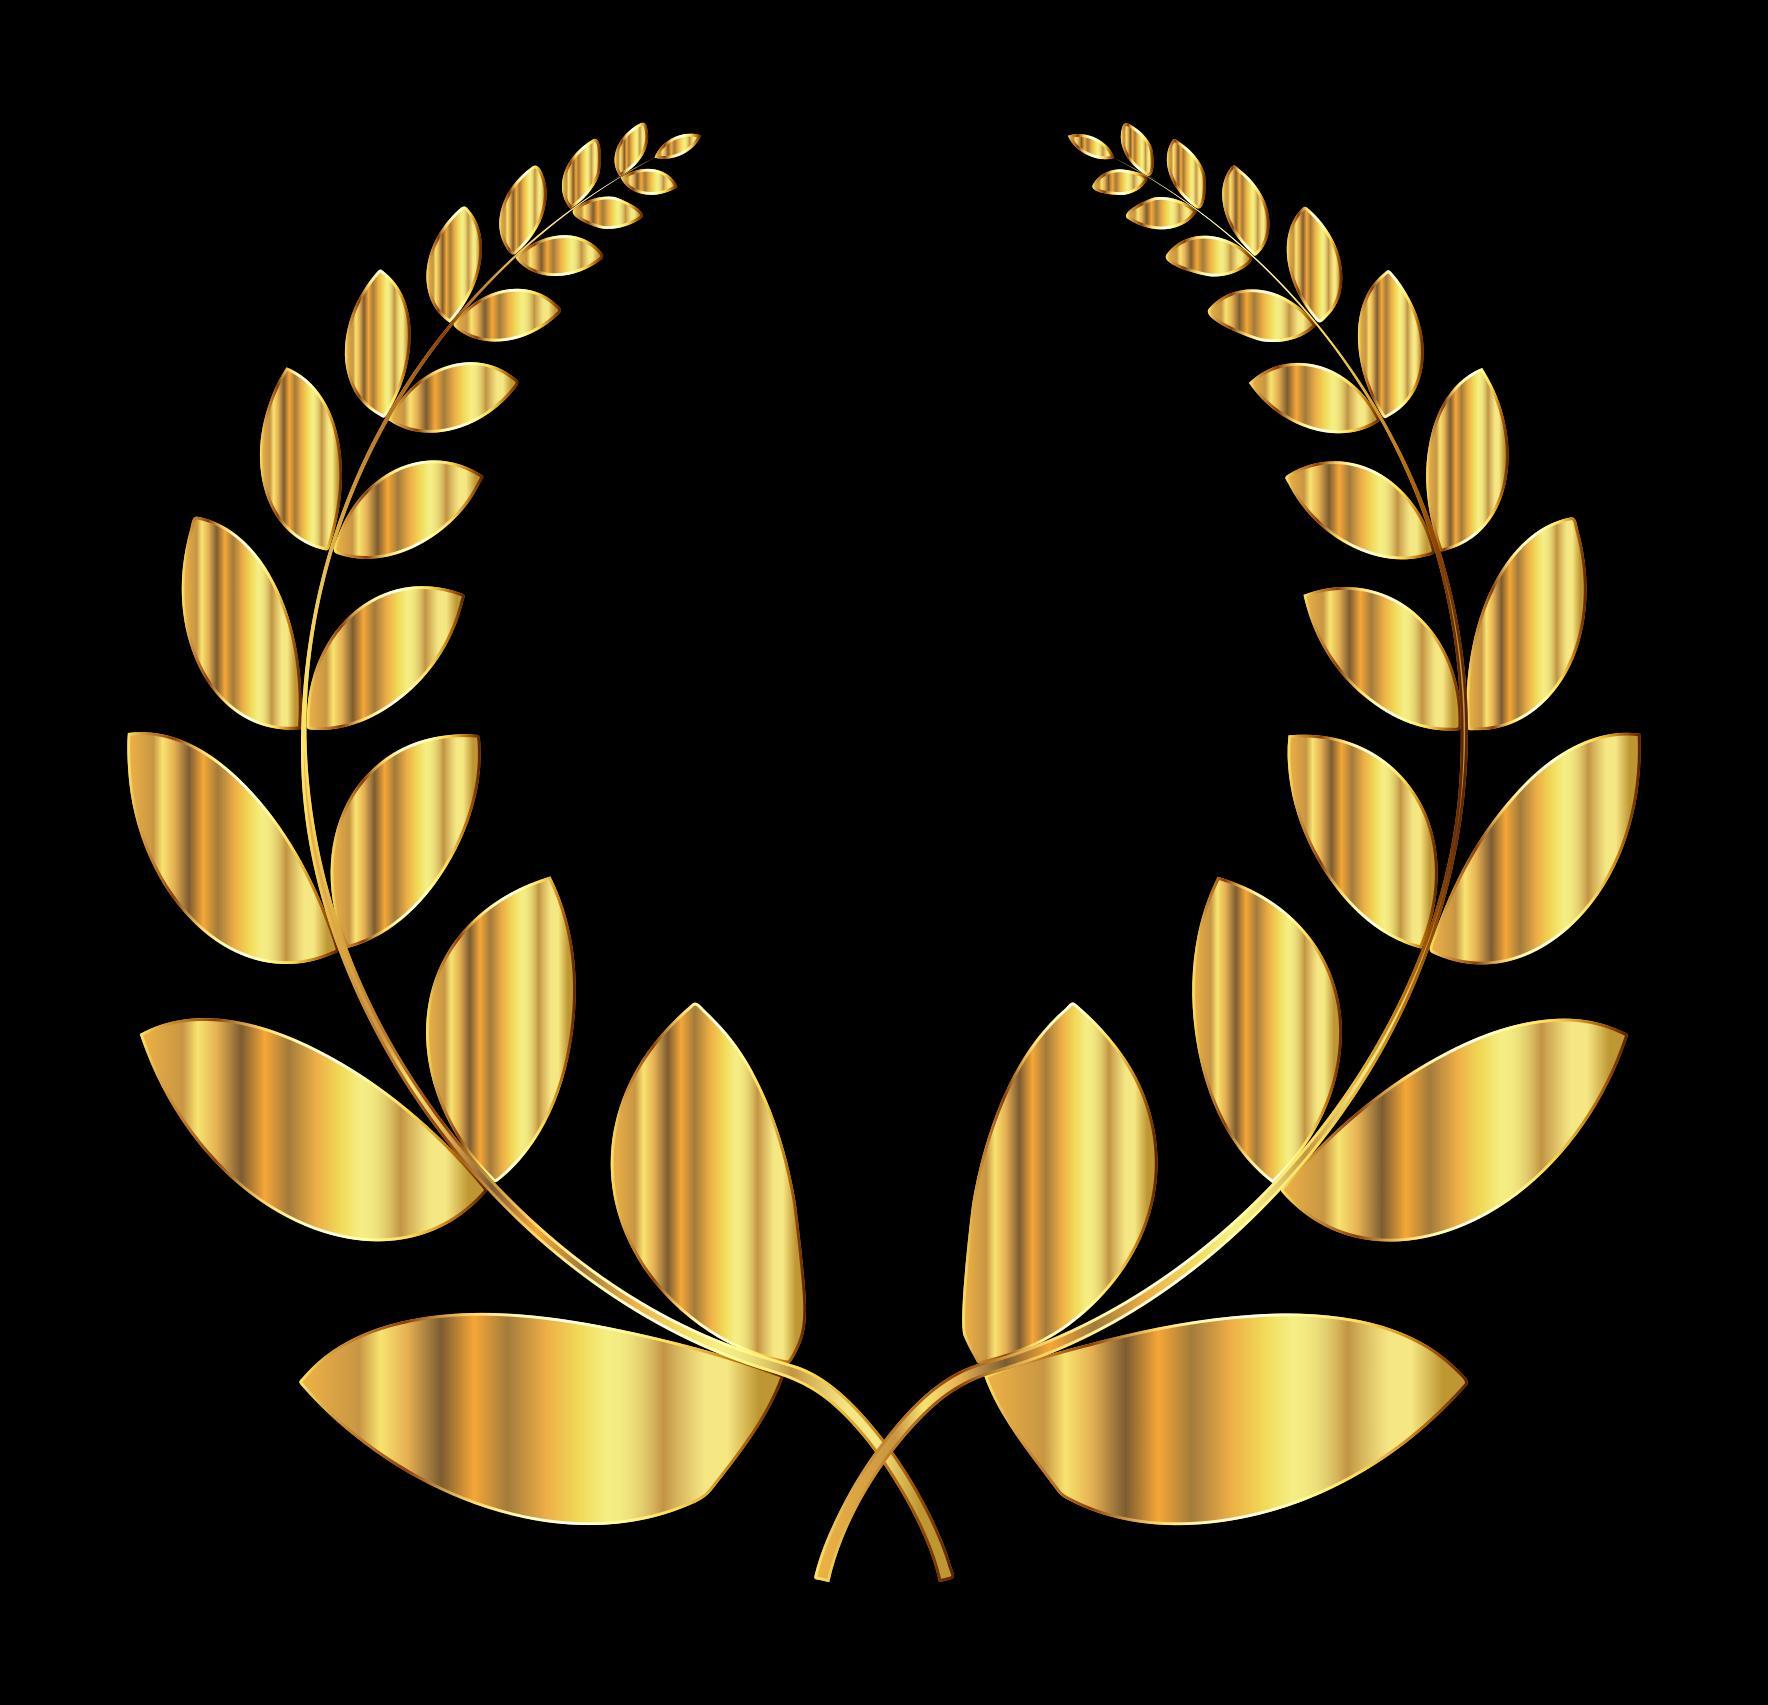 Laurel wreath design droide. 2 clipart gold